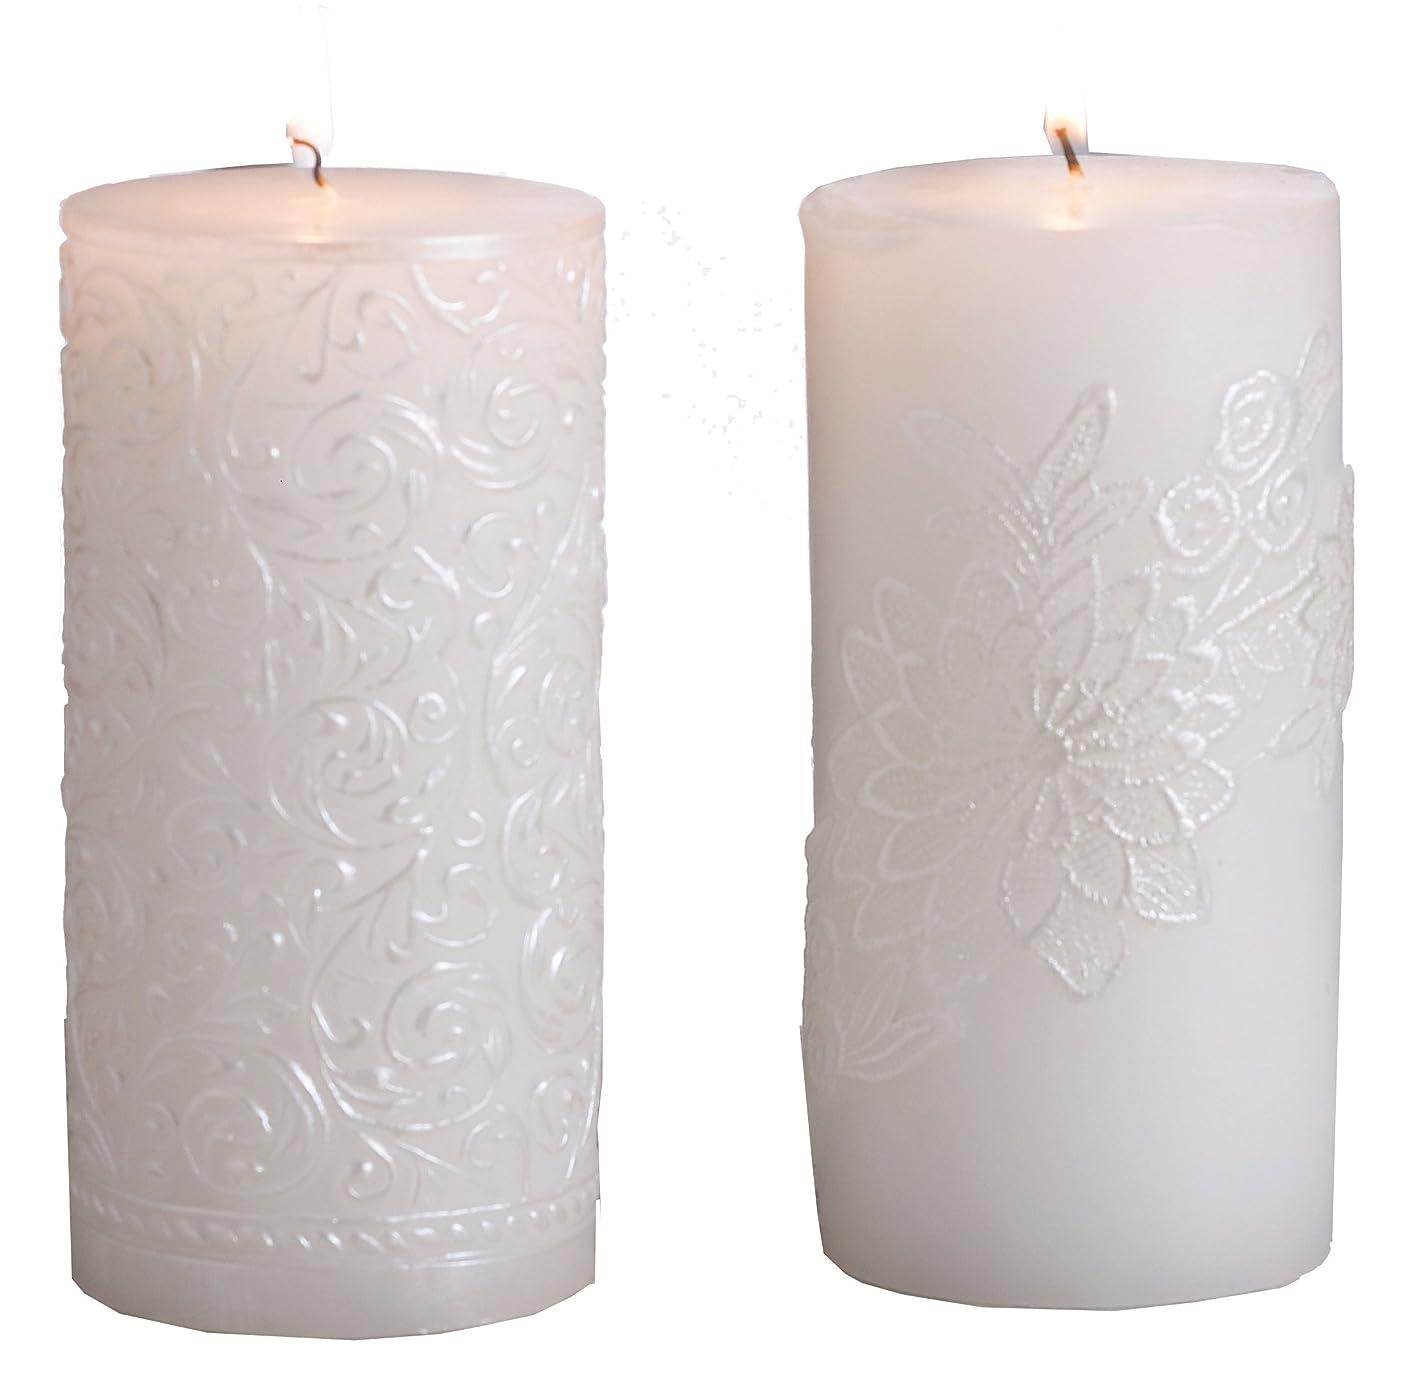 信頼性マスク黙(Gold Brushed) - Biedermann & Sons White Pearl Pillar Candle, 7.6cm by 23cm, Gold Brushed